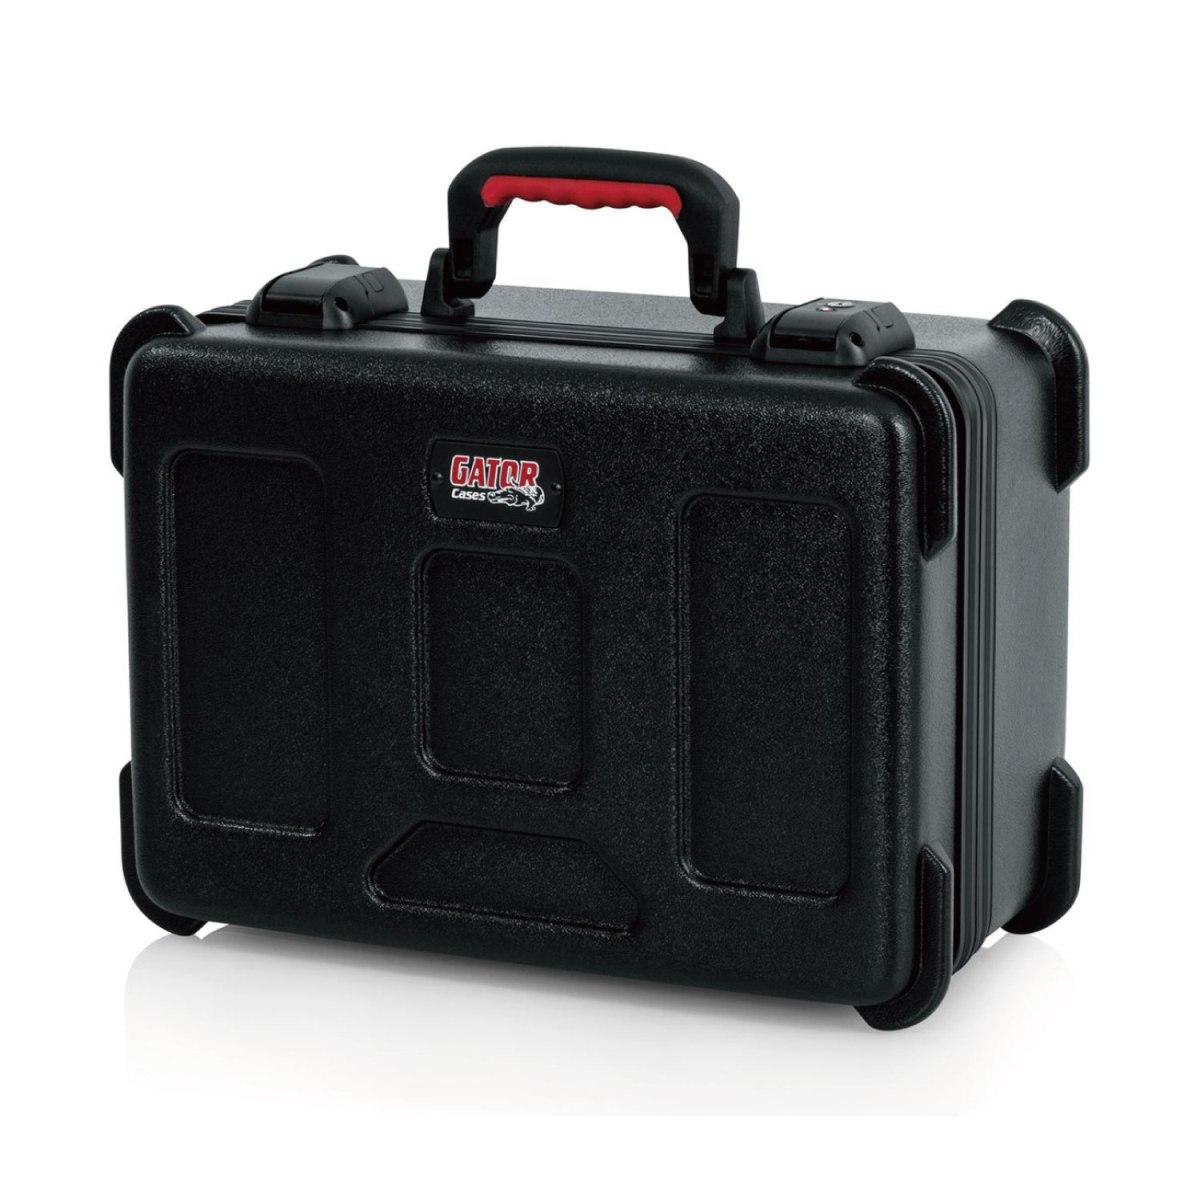 GATOR ゲーター / GTSA-MIC15 (マイク用ハードケース)【お取り寄せ商品】【WEBSHOP】